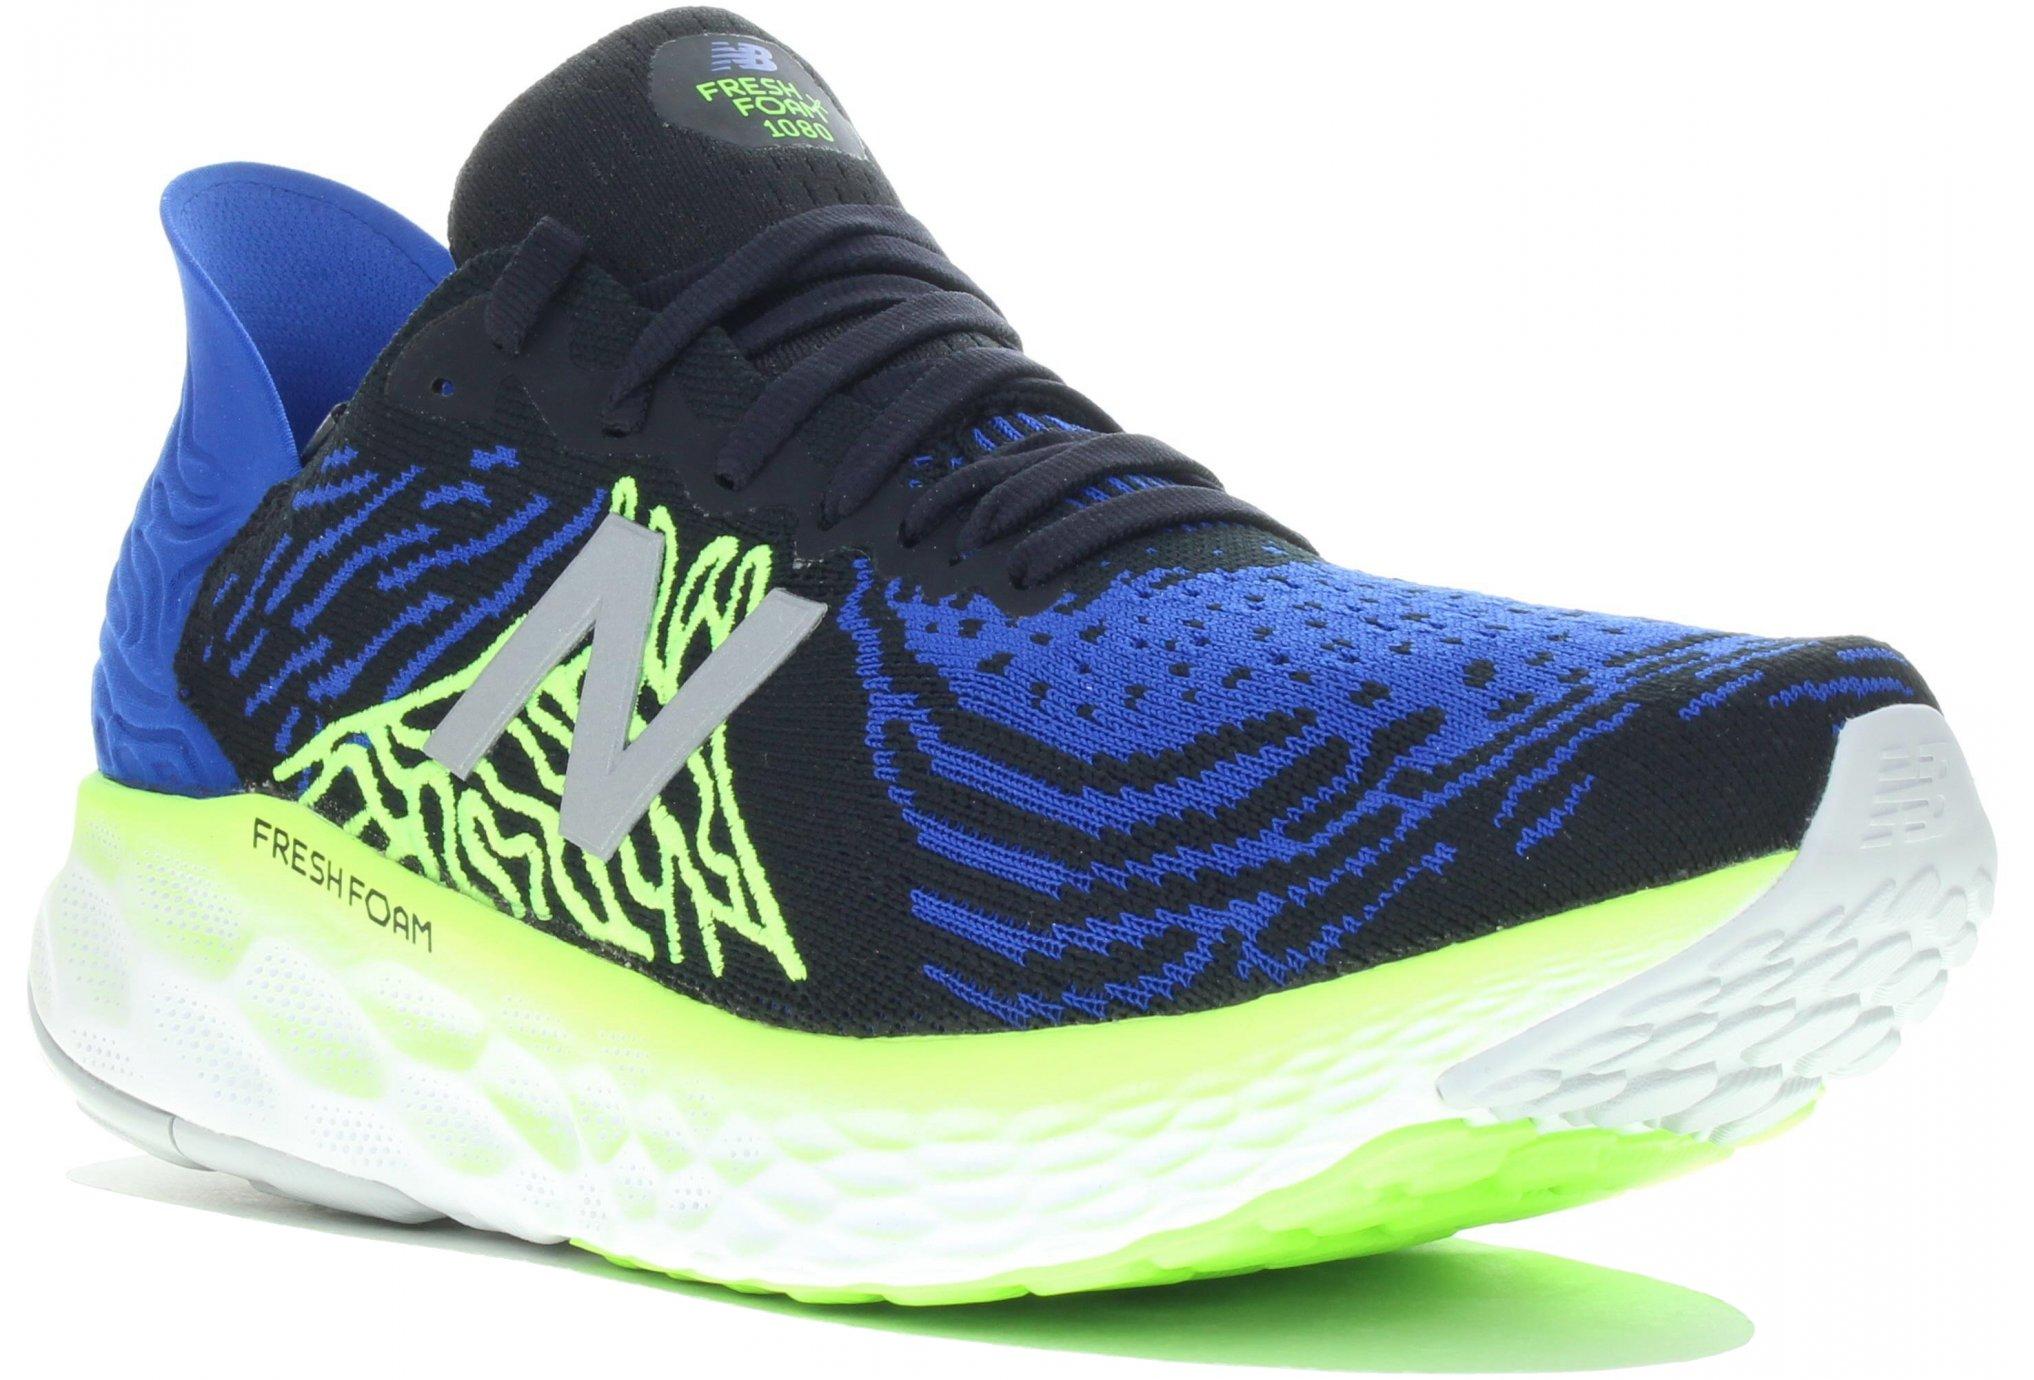 New Balance Fresh Foam M 1080 V10 - D Diététique Chaussures homme